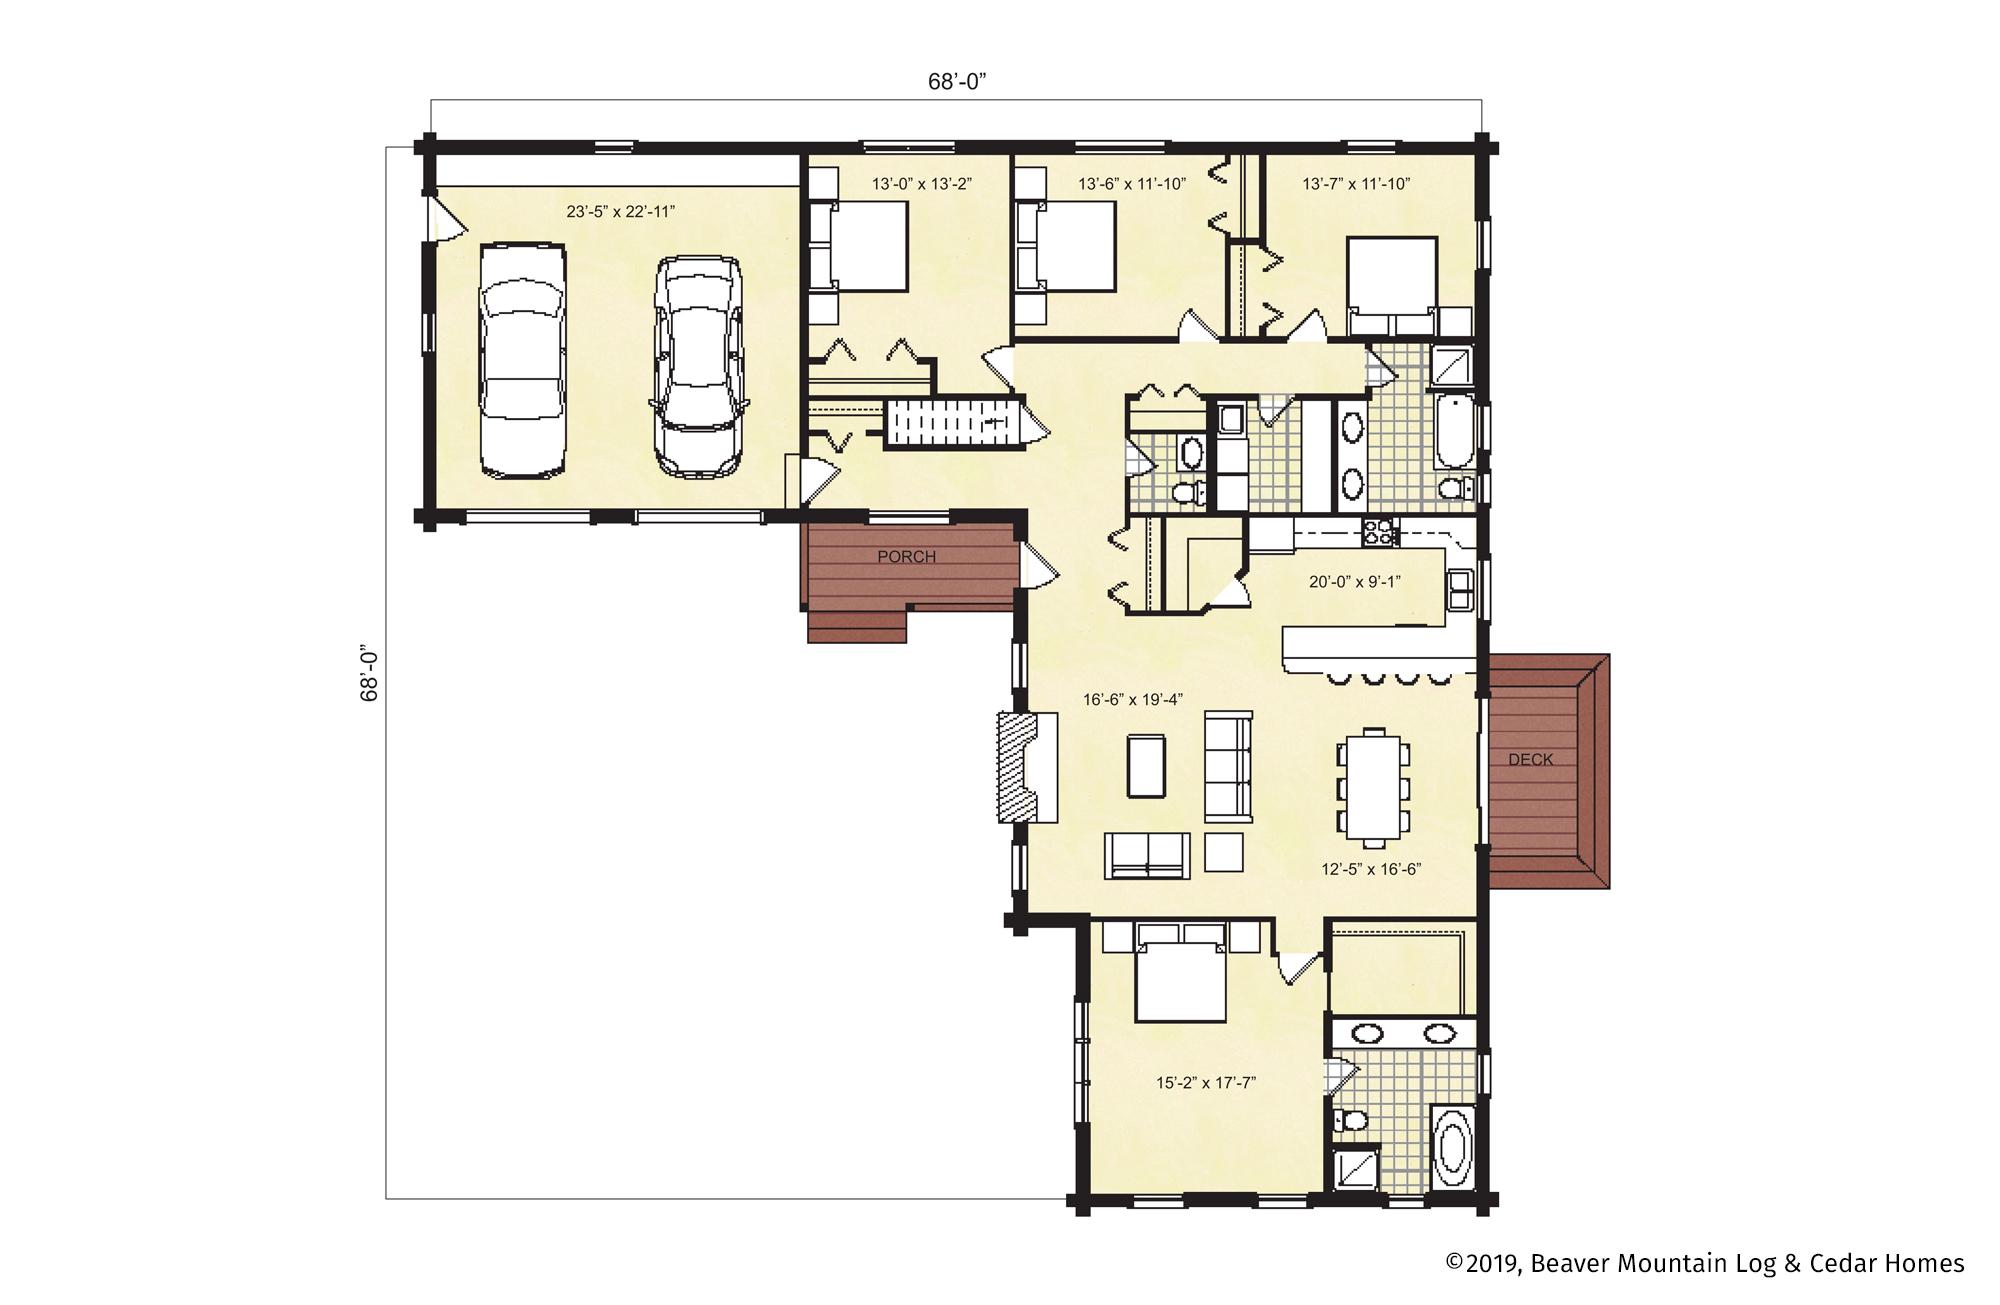 Beaver Mountain Log Homes Scottsdale Main Level Floor Plan